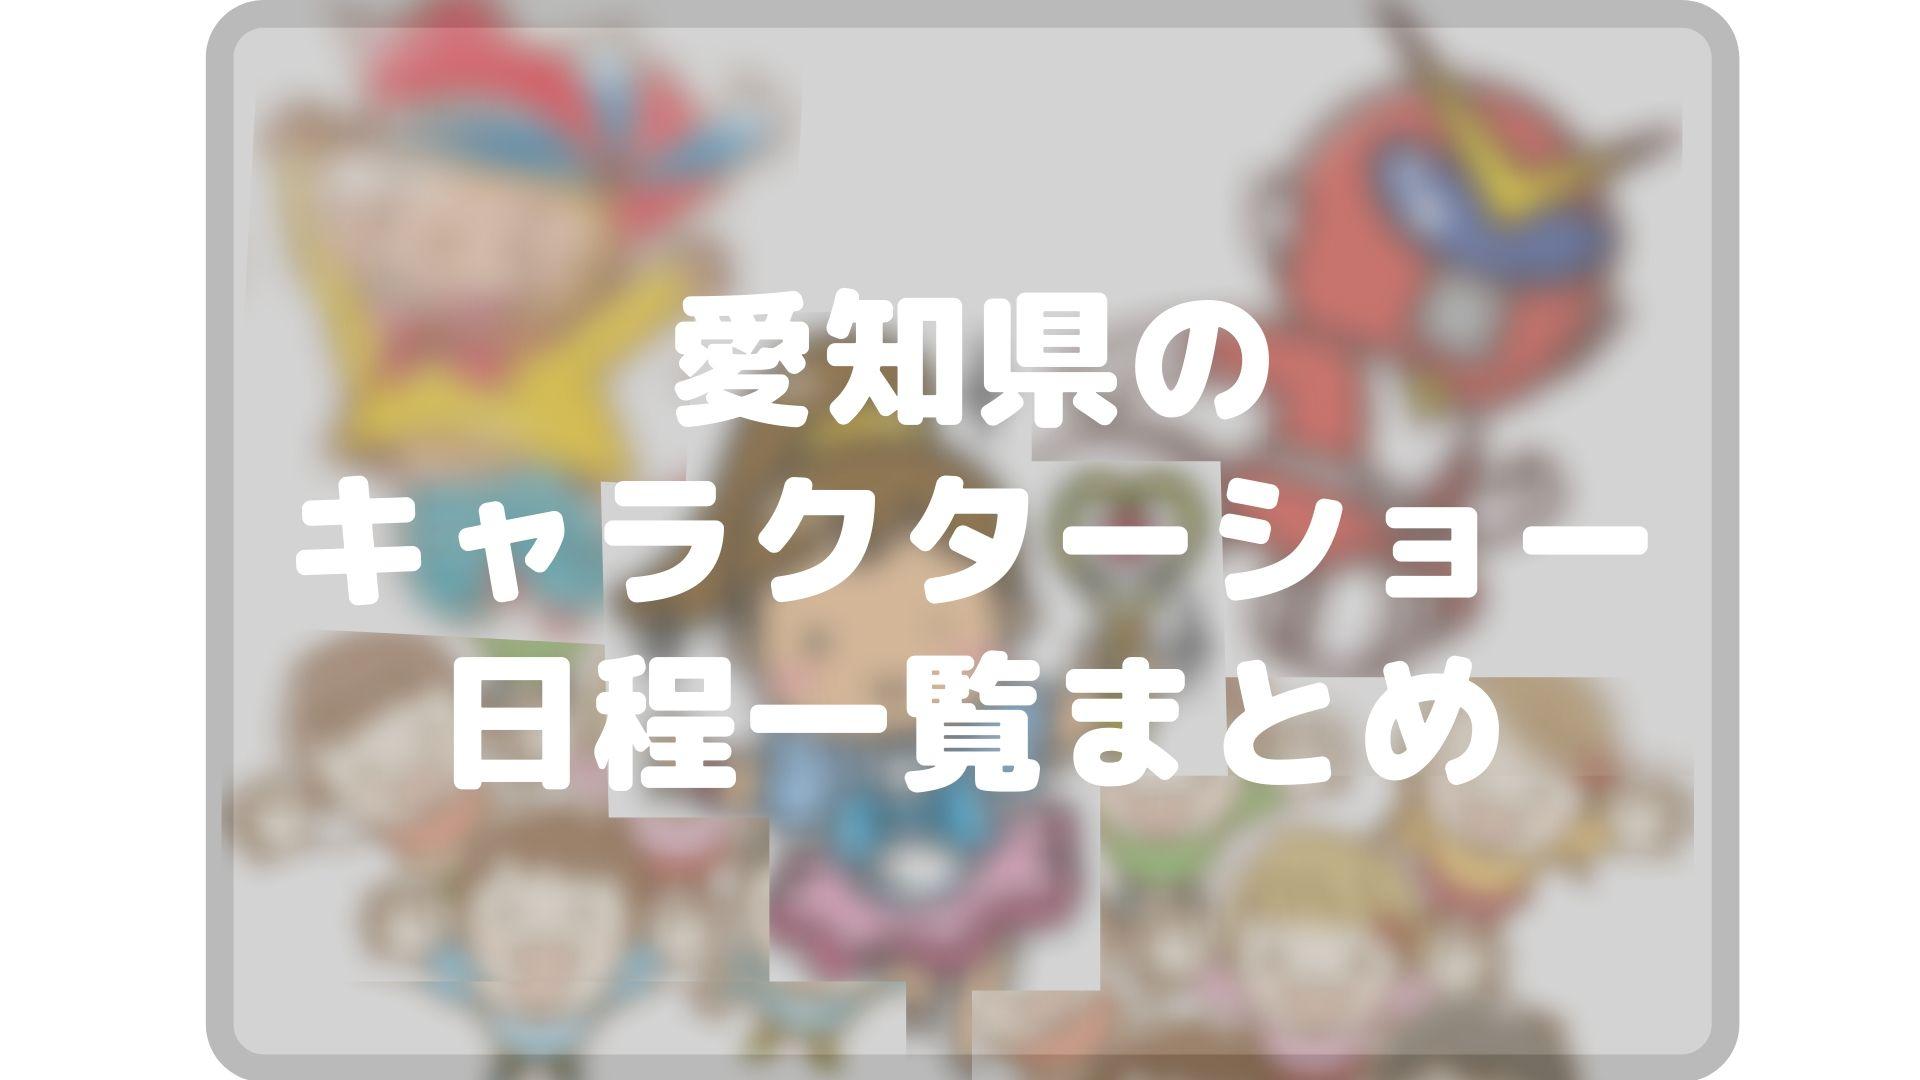 愛知県のキャラクターショーまとめタイトル画像